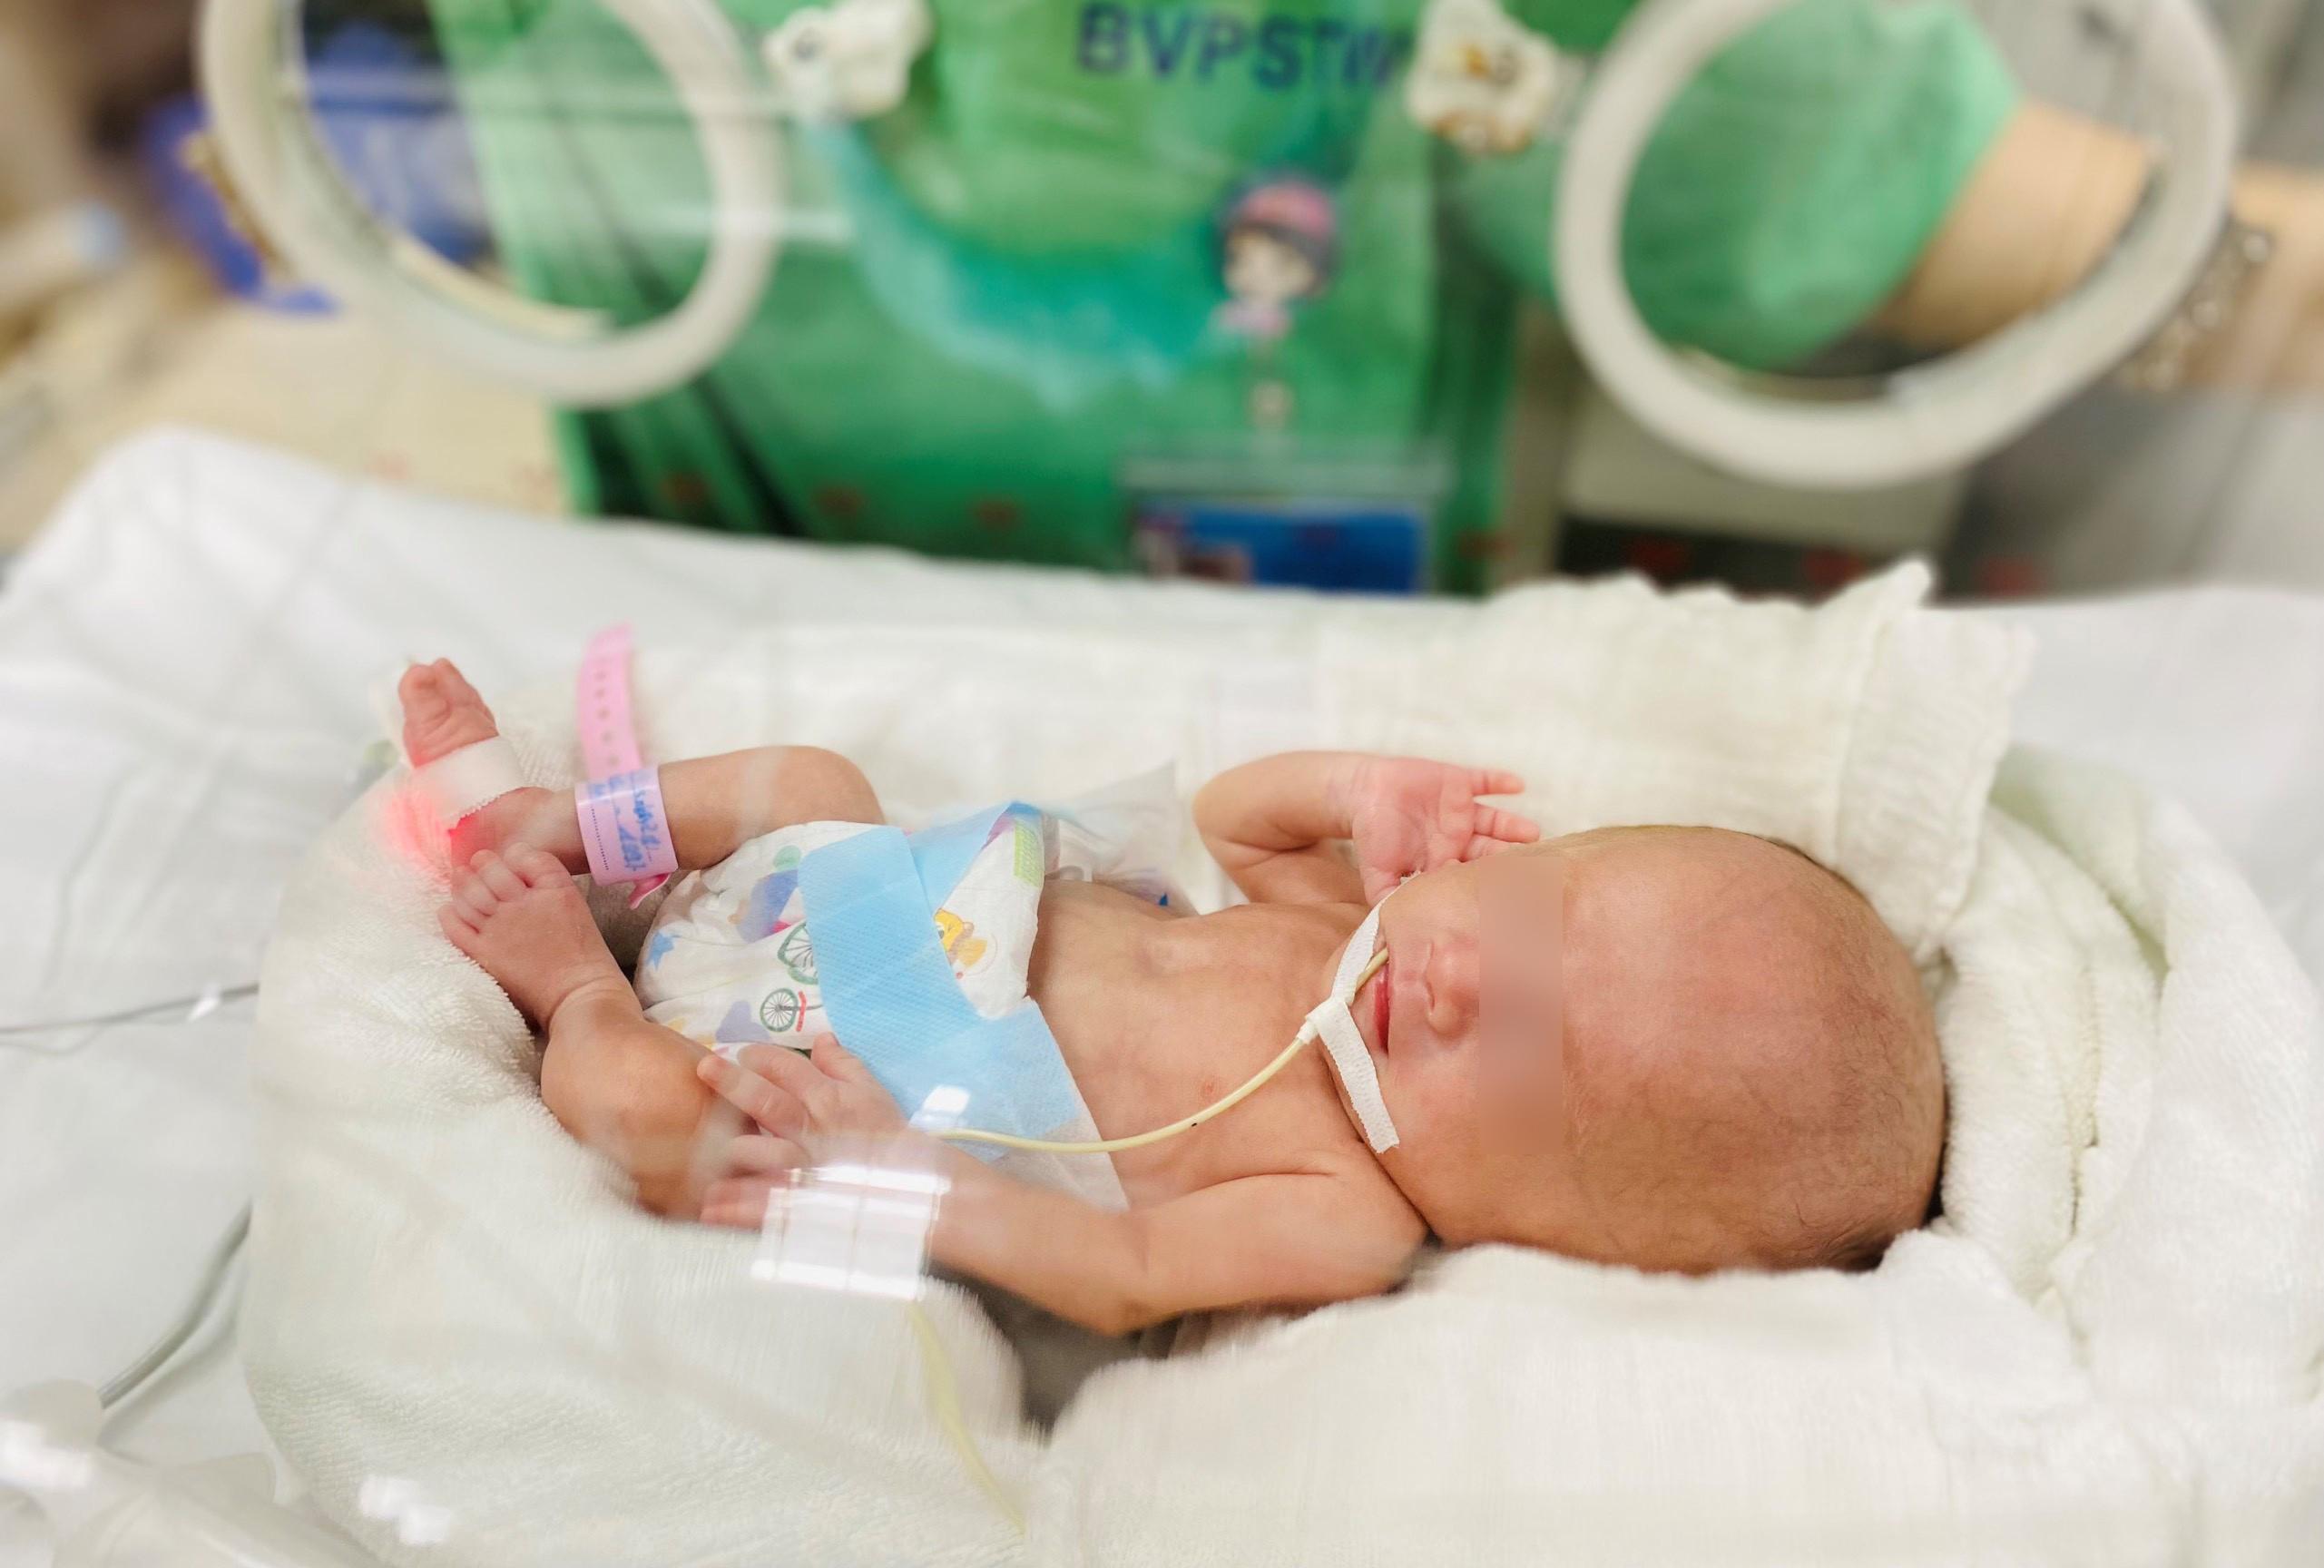 Nuôi dưỡng thành công bé gái sinh non chỉ nặng 0,4kg khi chào đời